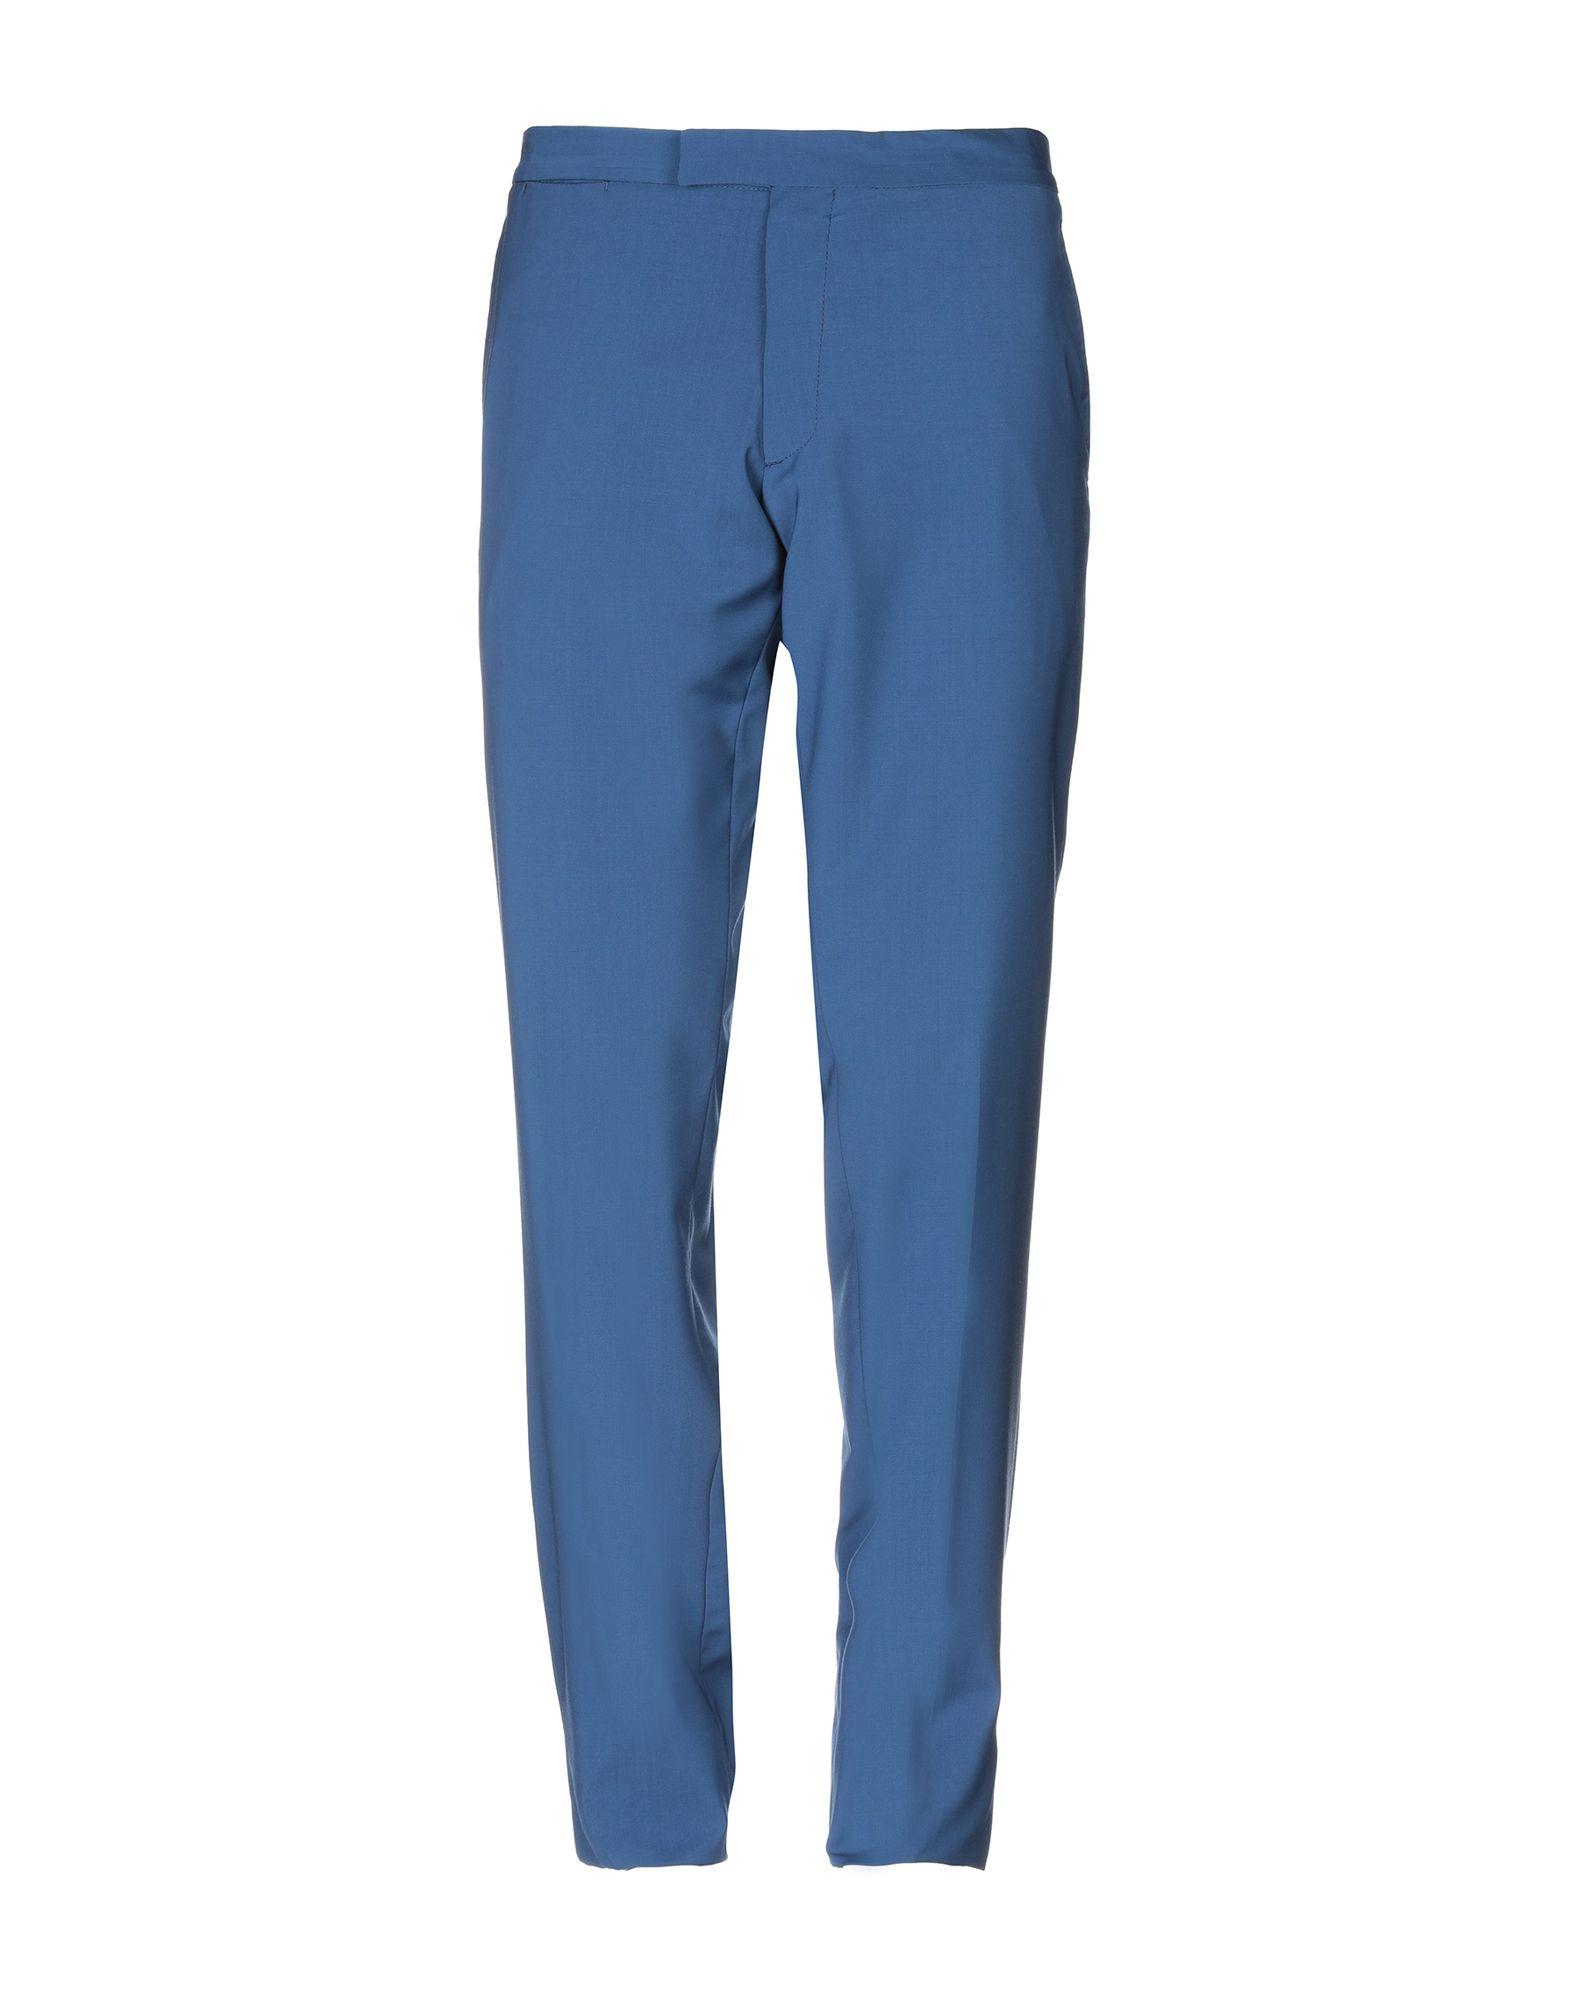 《送料無料》MESSAGERIE メンズ パンツ ブルー 54 バージンウール 100%